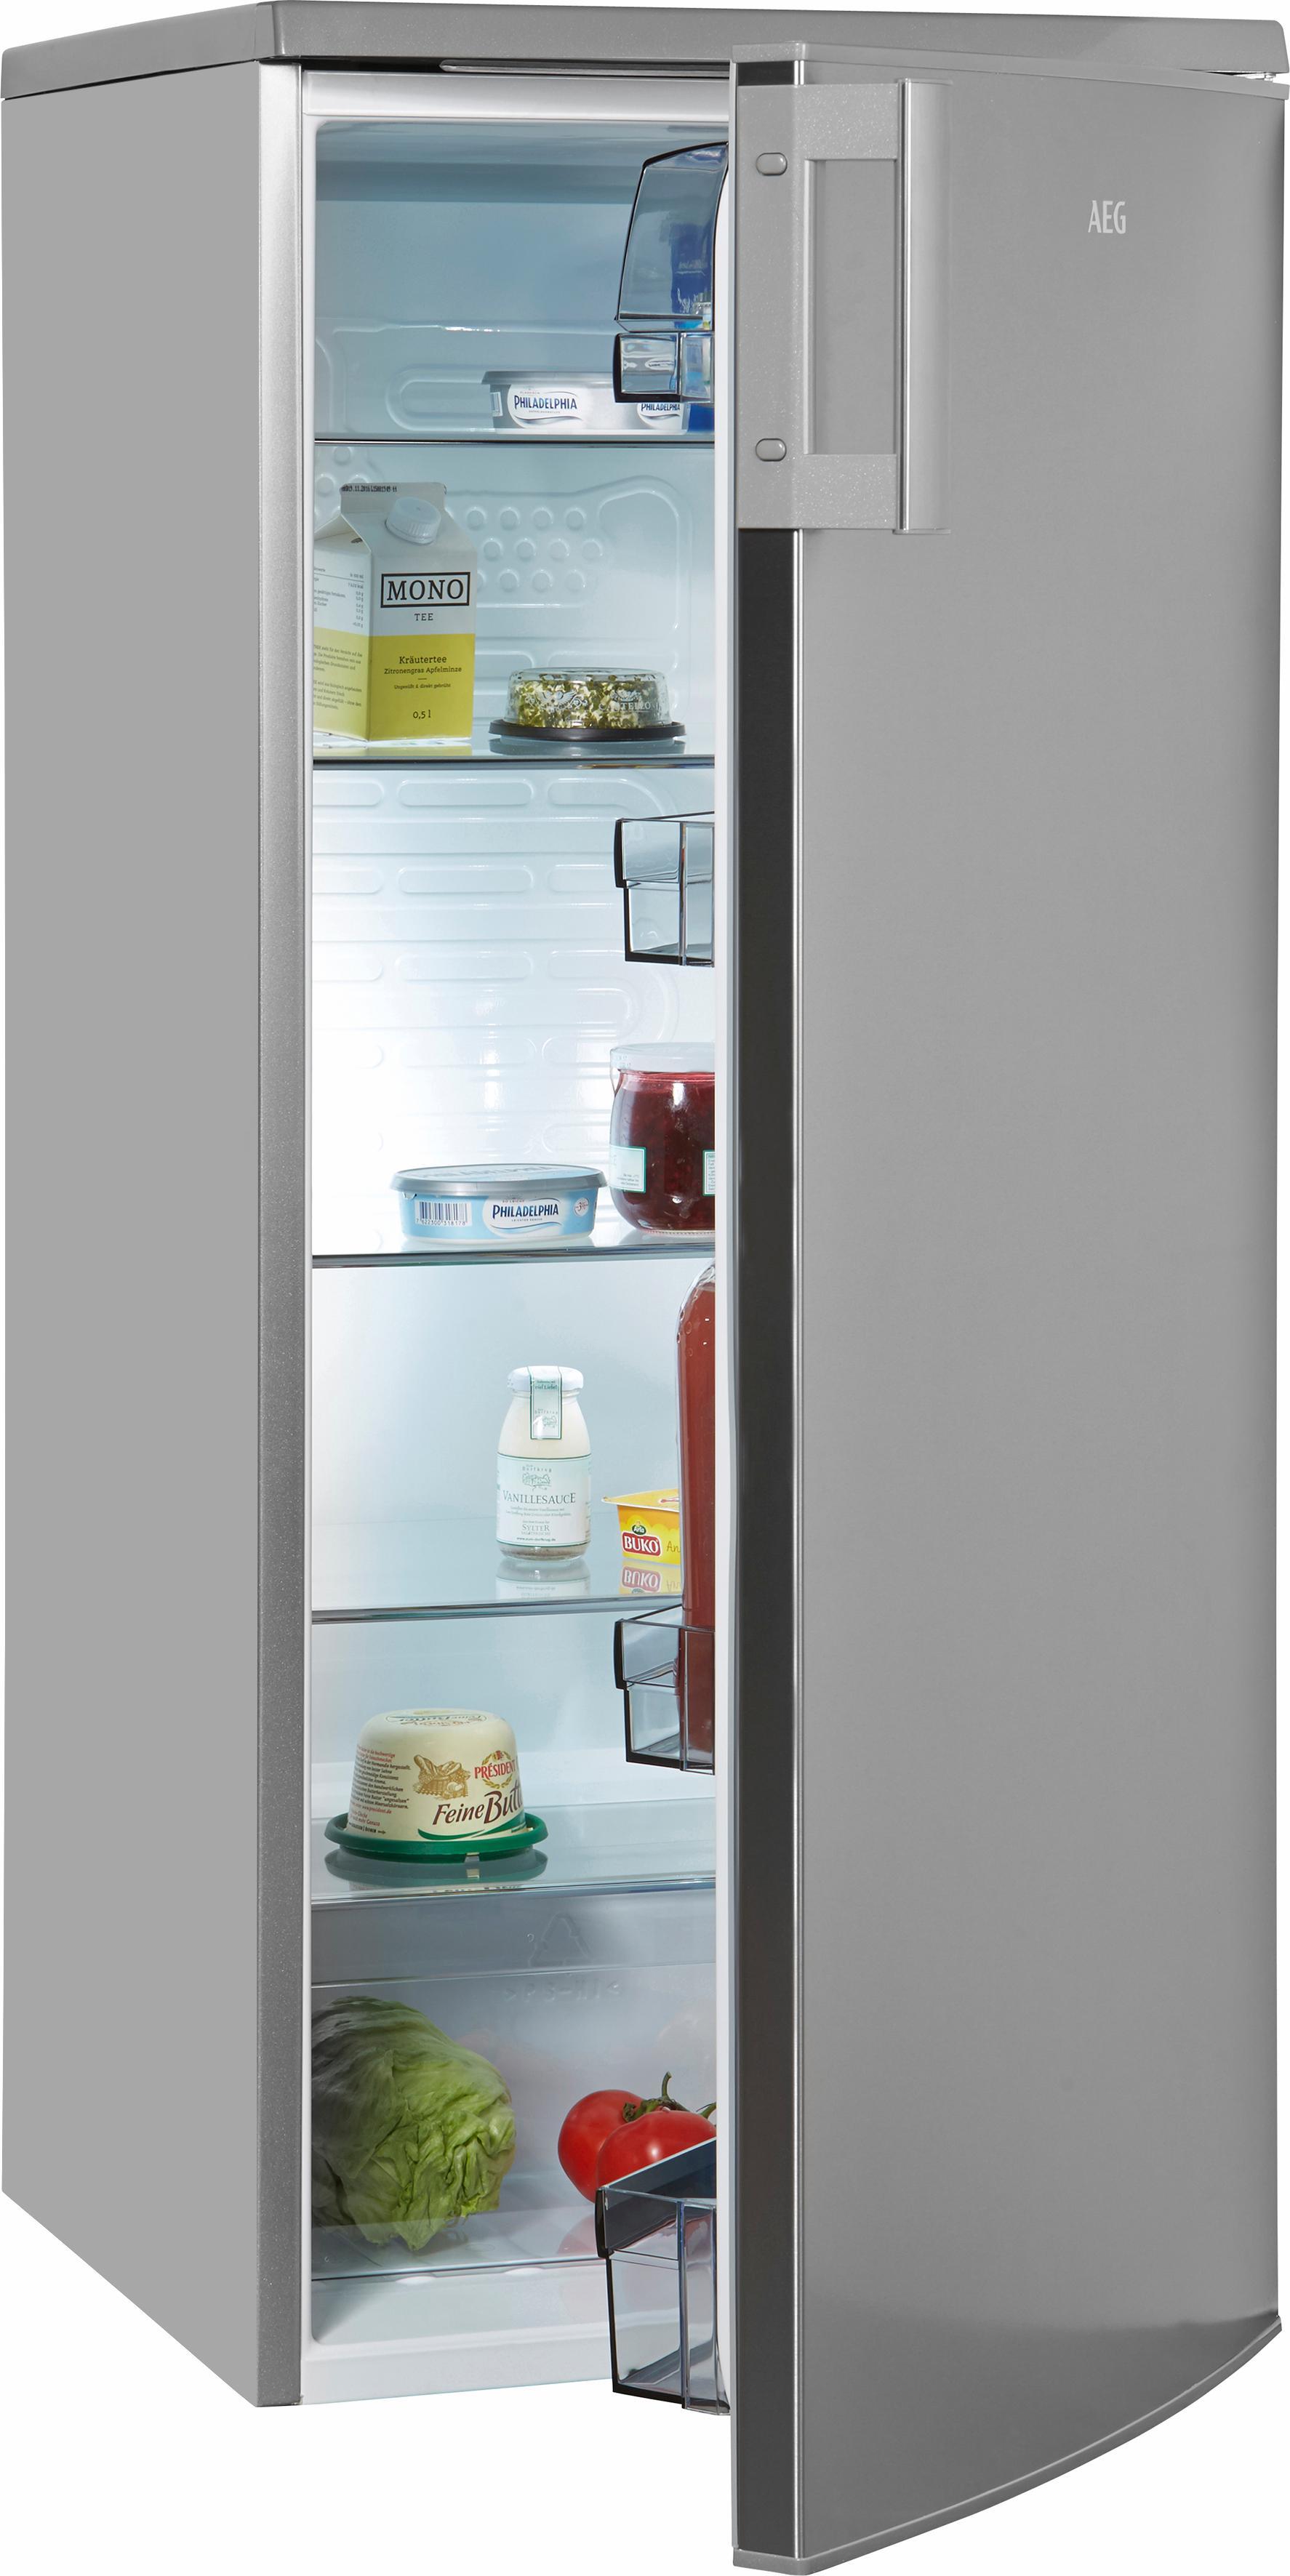 aeg-electrolux Kühlschränke online kaufen | Möbel-Suchmaschine ...